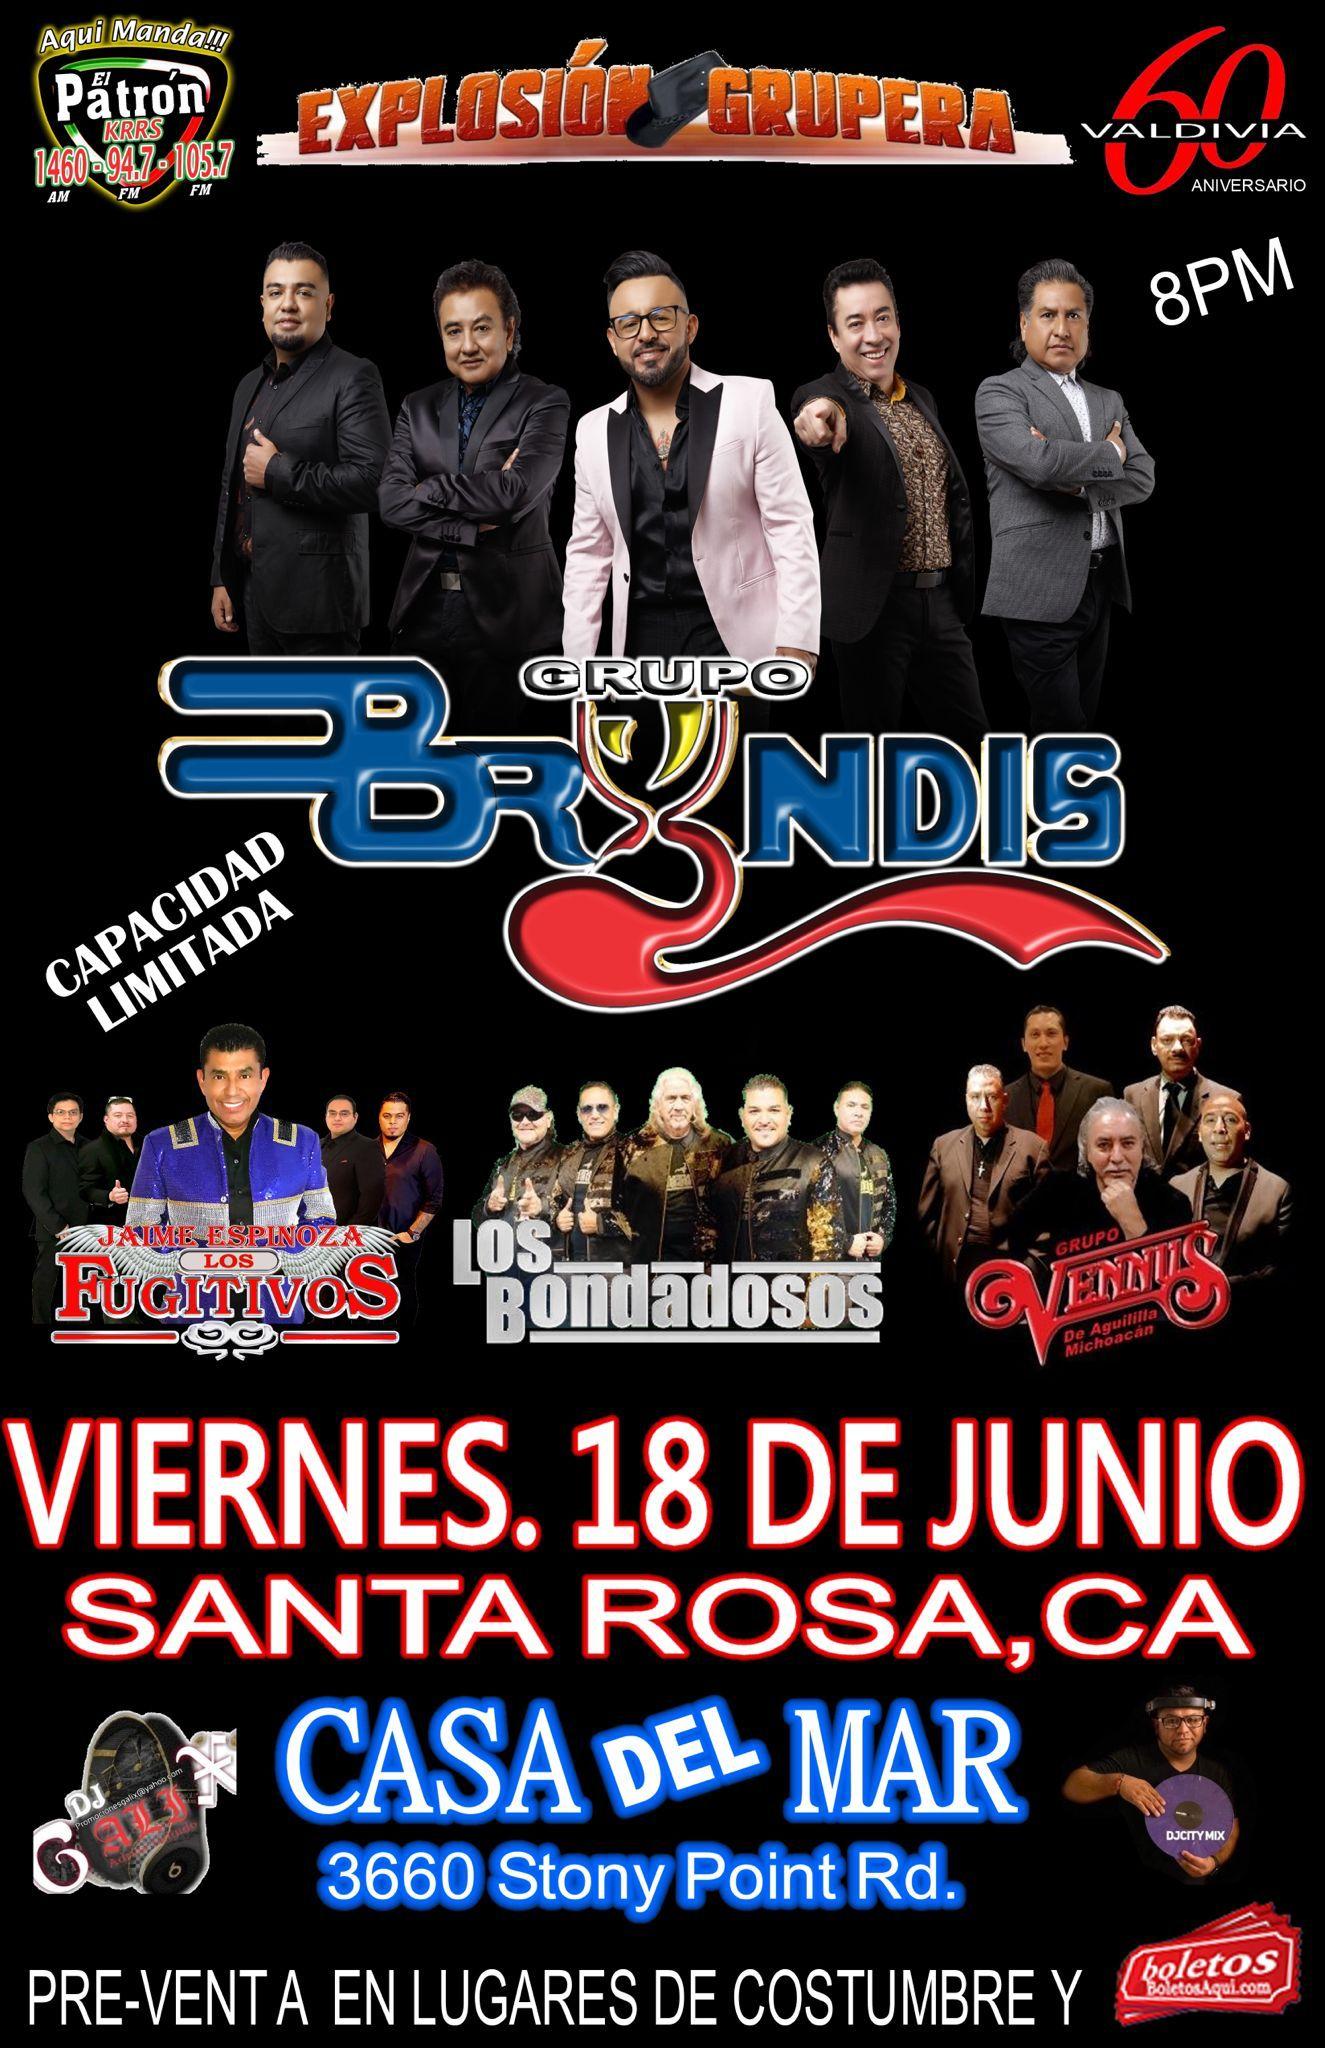 Explosion Grupera con Grupo Bryndis, Los Fujitivos, Los Bondadosos y Grupo Vennus – Casa del Mar – Santa Rosa, CA